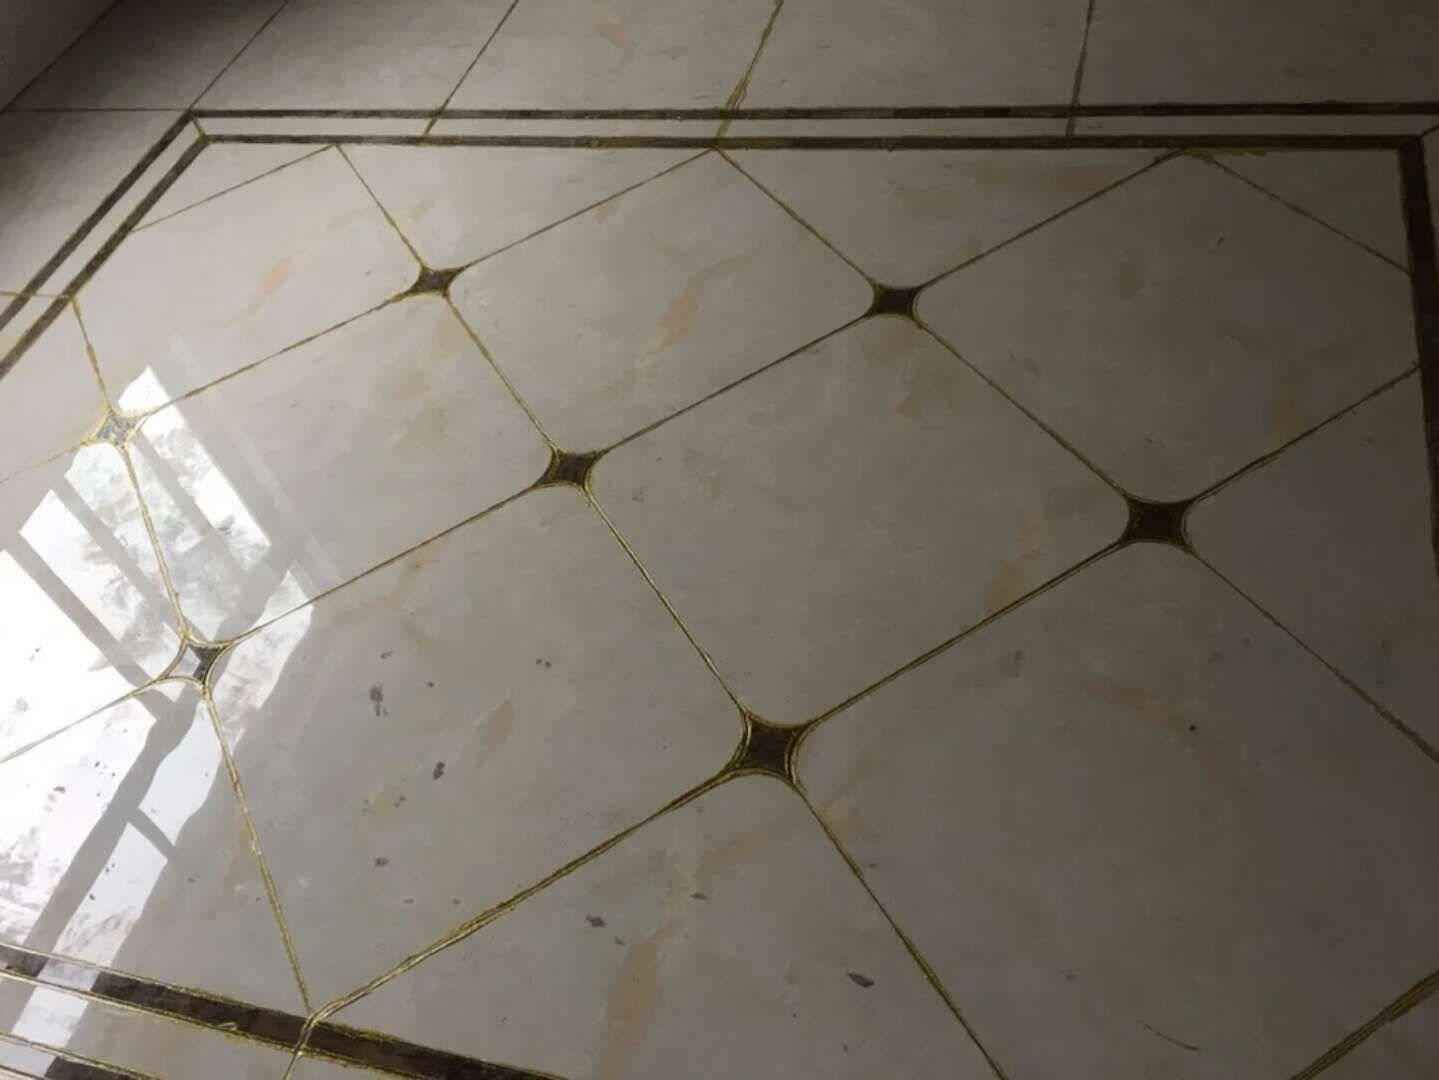 诗睿瓷砖美缝剂双管陶瓷胶双组份勾缝剂填缝剂真瓷胶卫生间防水防霉地砖墙缝墙砖通用美缝镏金色